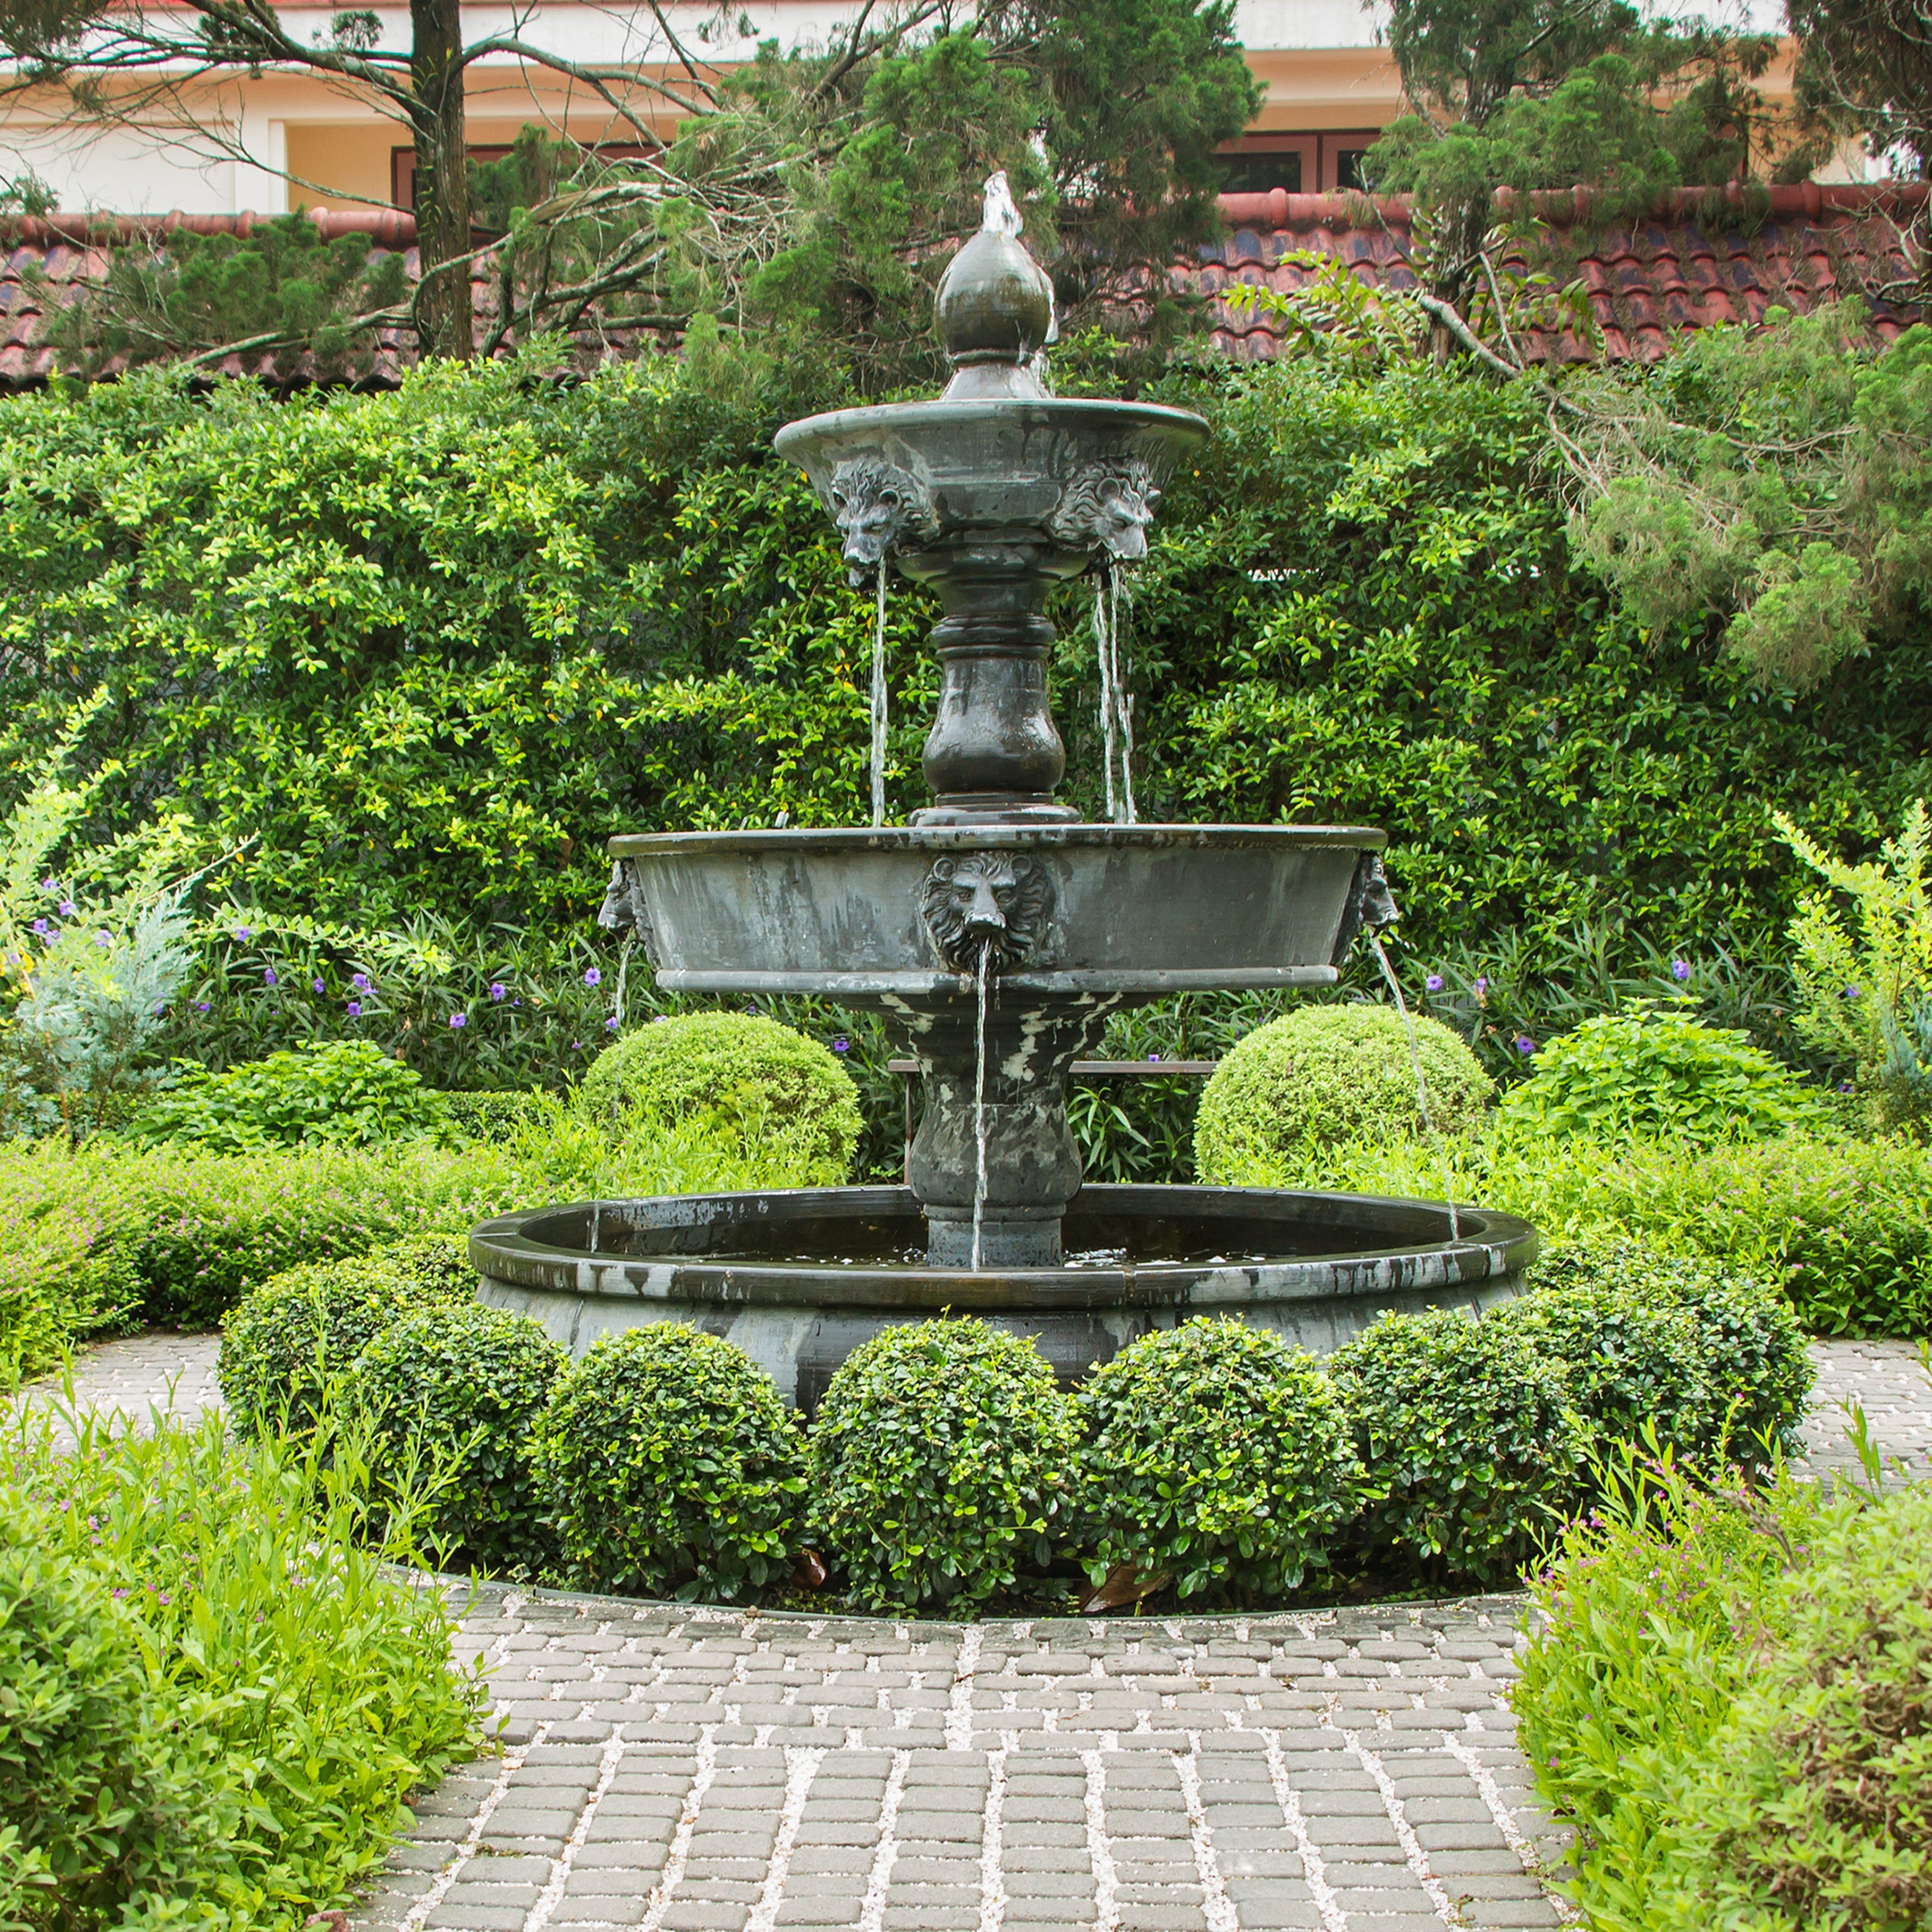 آبنما در یک باغ کلاسیک